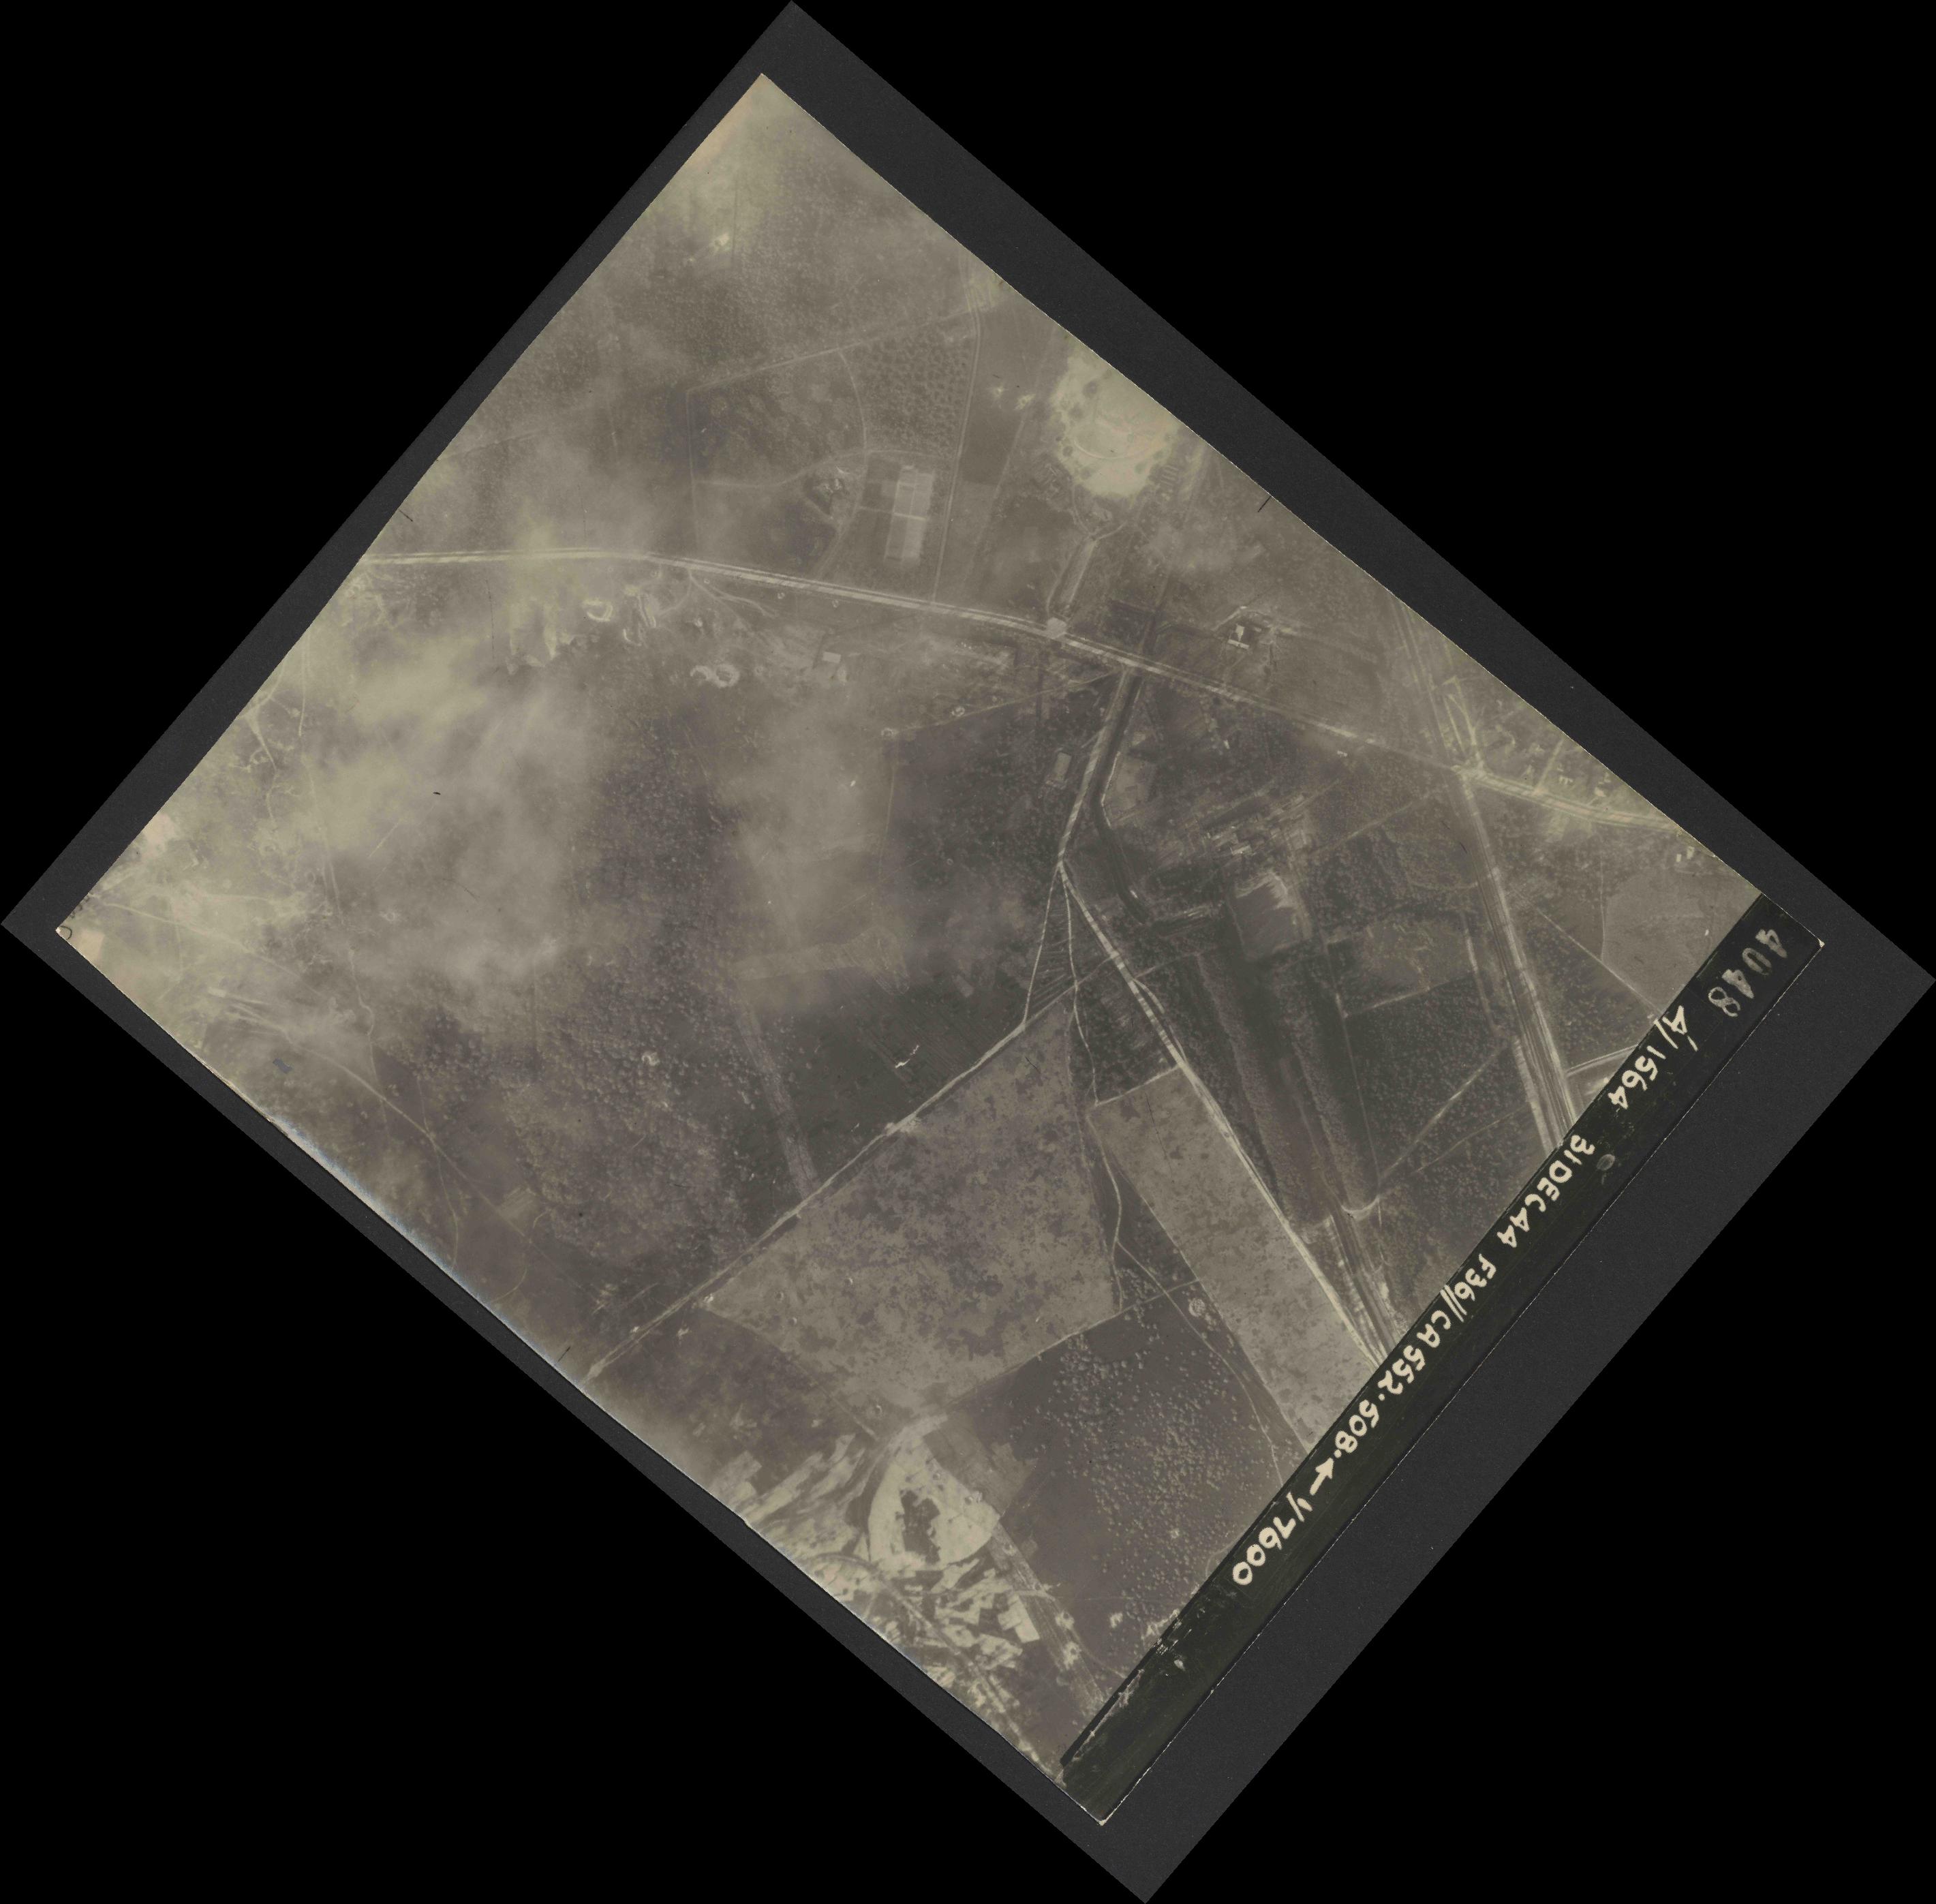 Collection RAF aerial photos 1940-1945 - flight 351, run 02, photo 4048